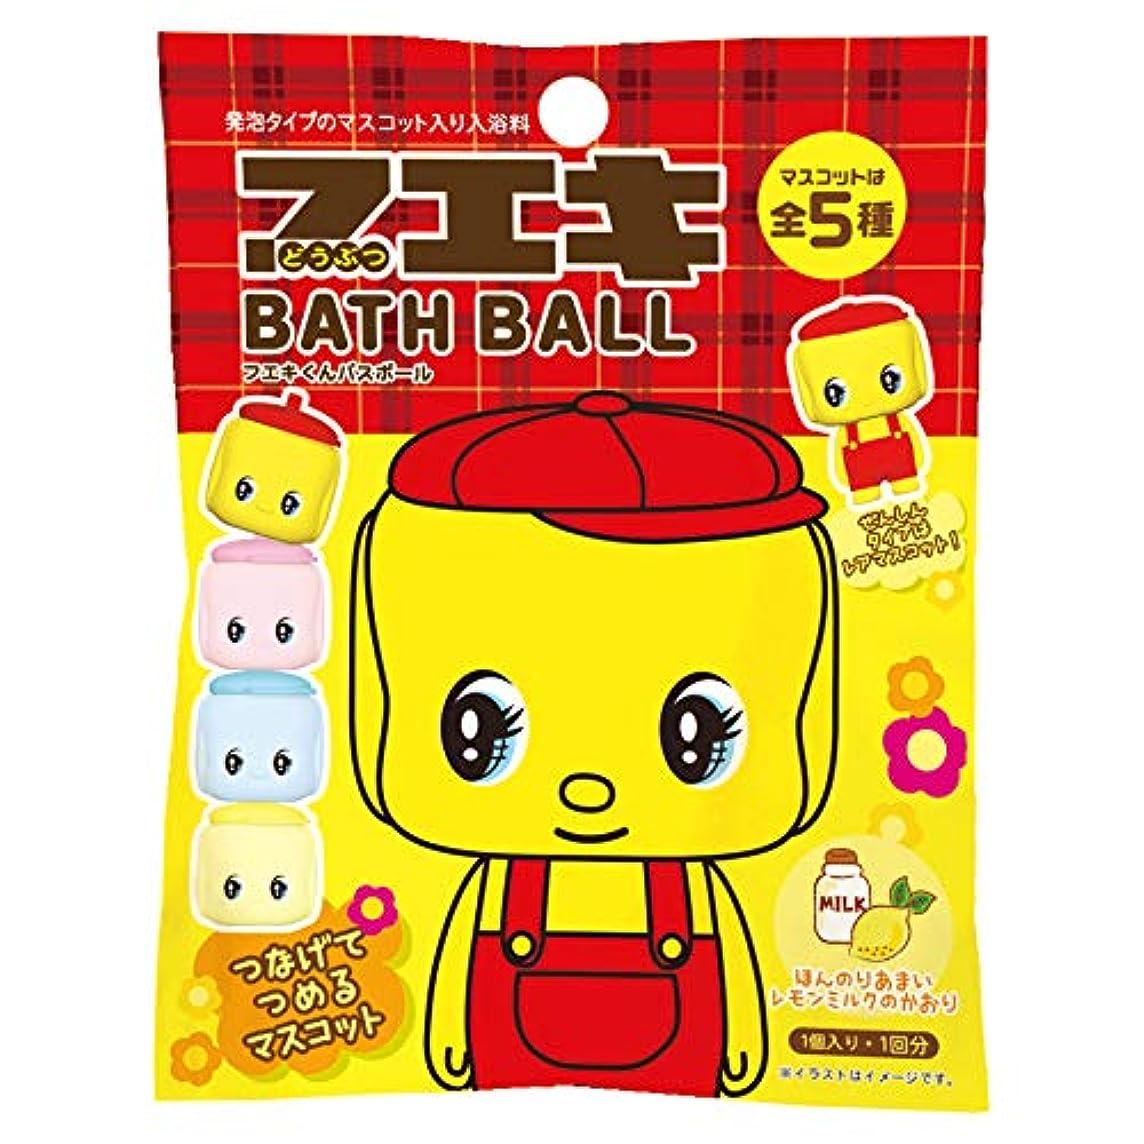 純粋な識別する高いフエキくん 入浴剤 バスボール おまけ付き レモンミルクの香り 60g OB-FUE-1-1